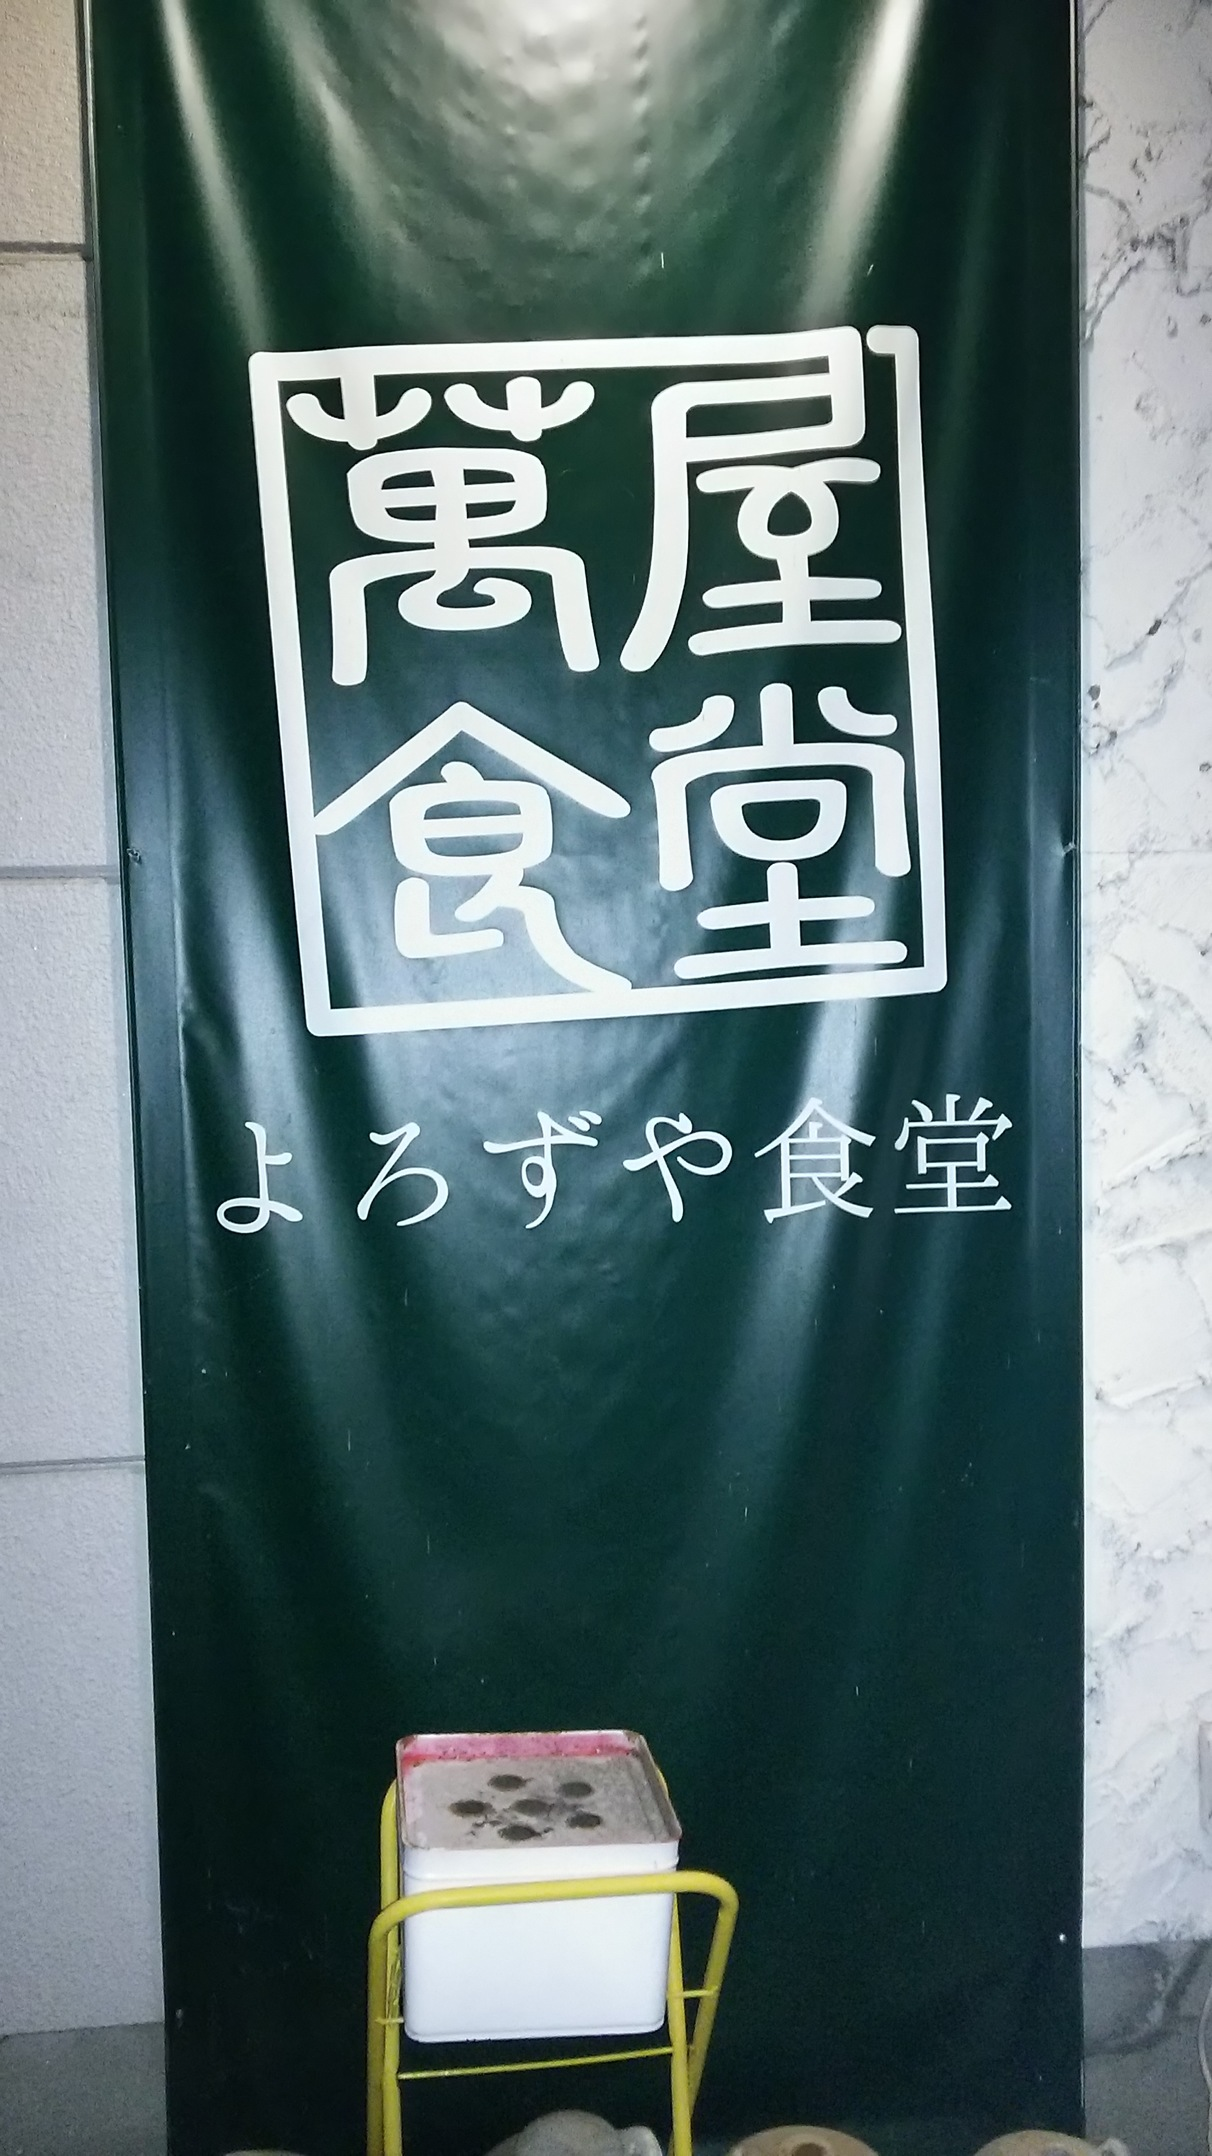 よろずや食堂 name=